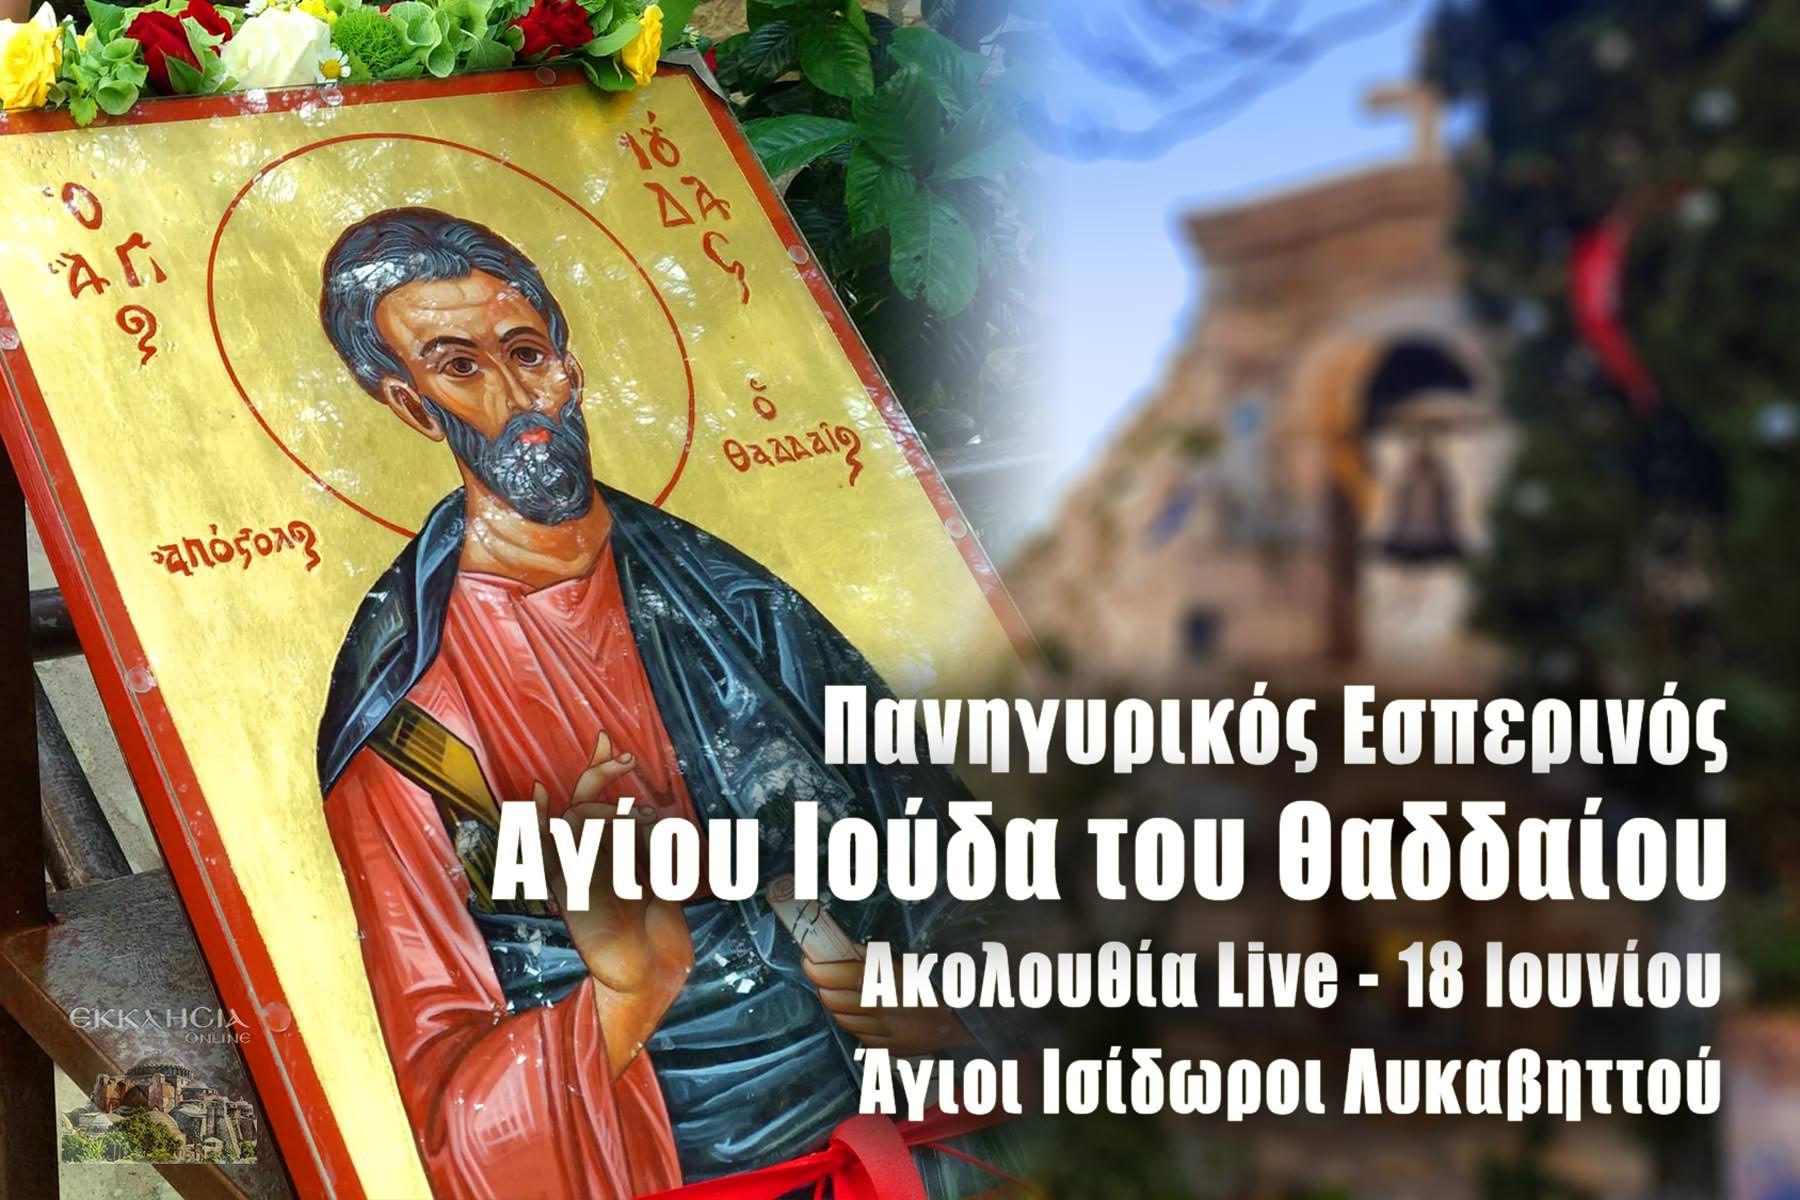 Αγίου Ιούδα θαδδαίου Πανηγυρικός Εσπερινός LIVE